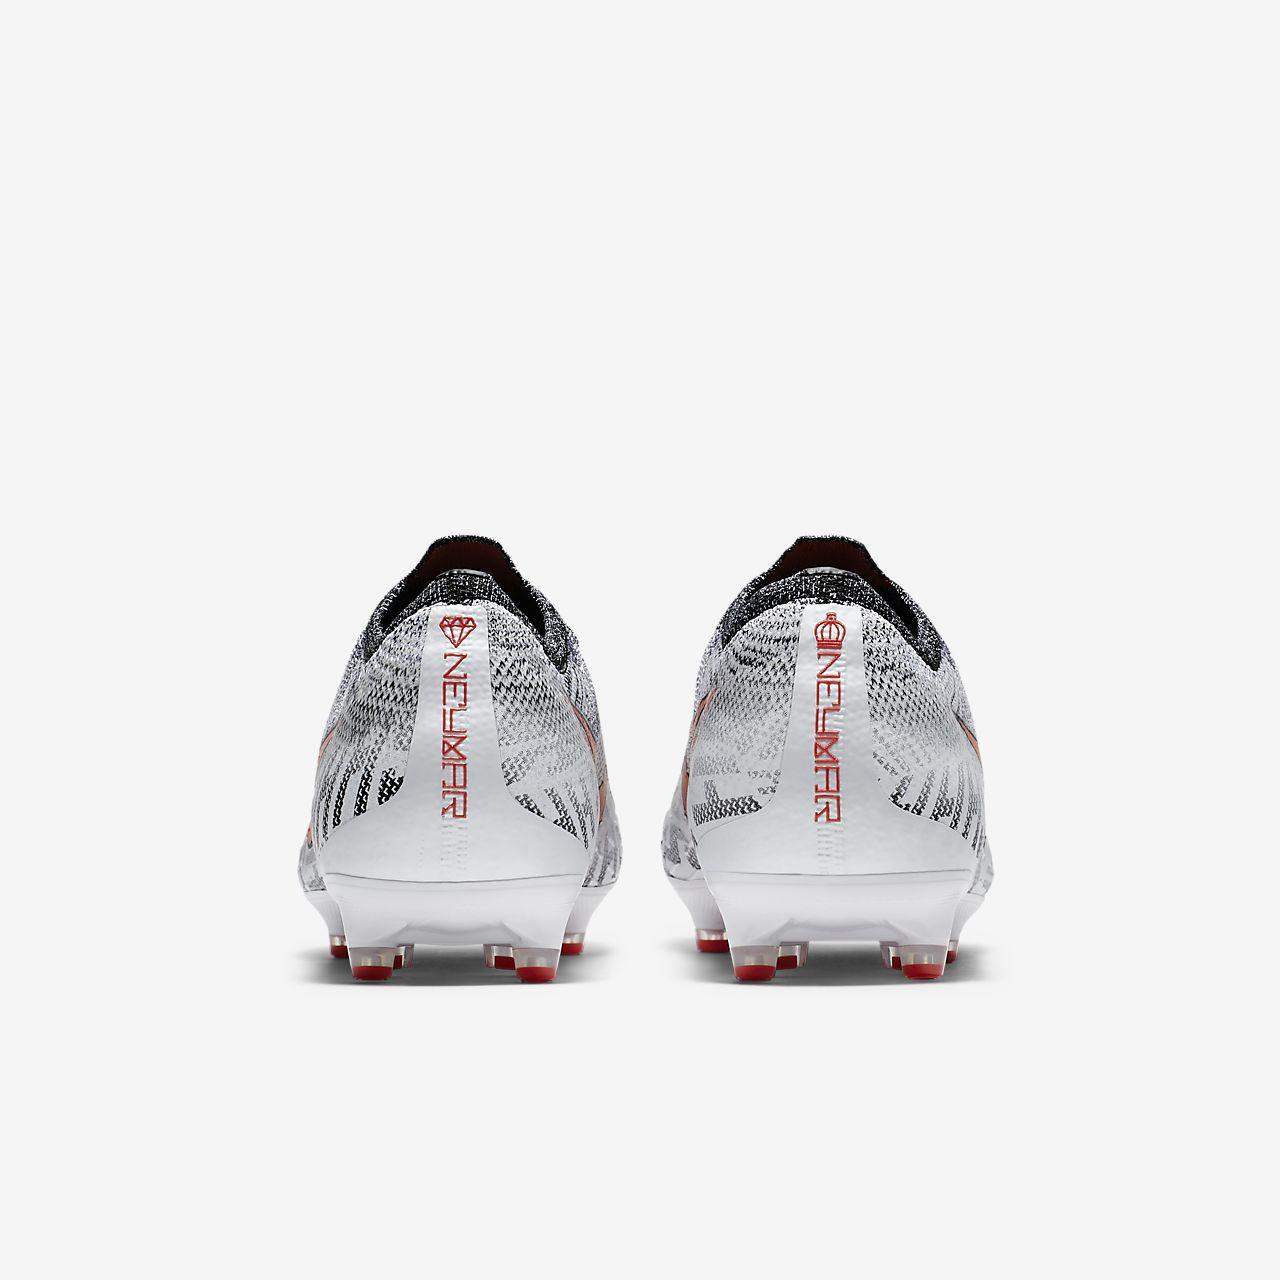 09c770cde ... Chaussure de football à crampons pour terrain synthétique Nike  Mercurial Vapor 360 Elite Neymar Jr AG